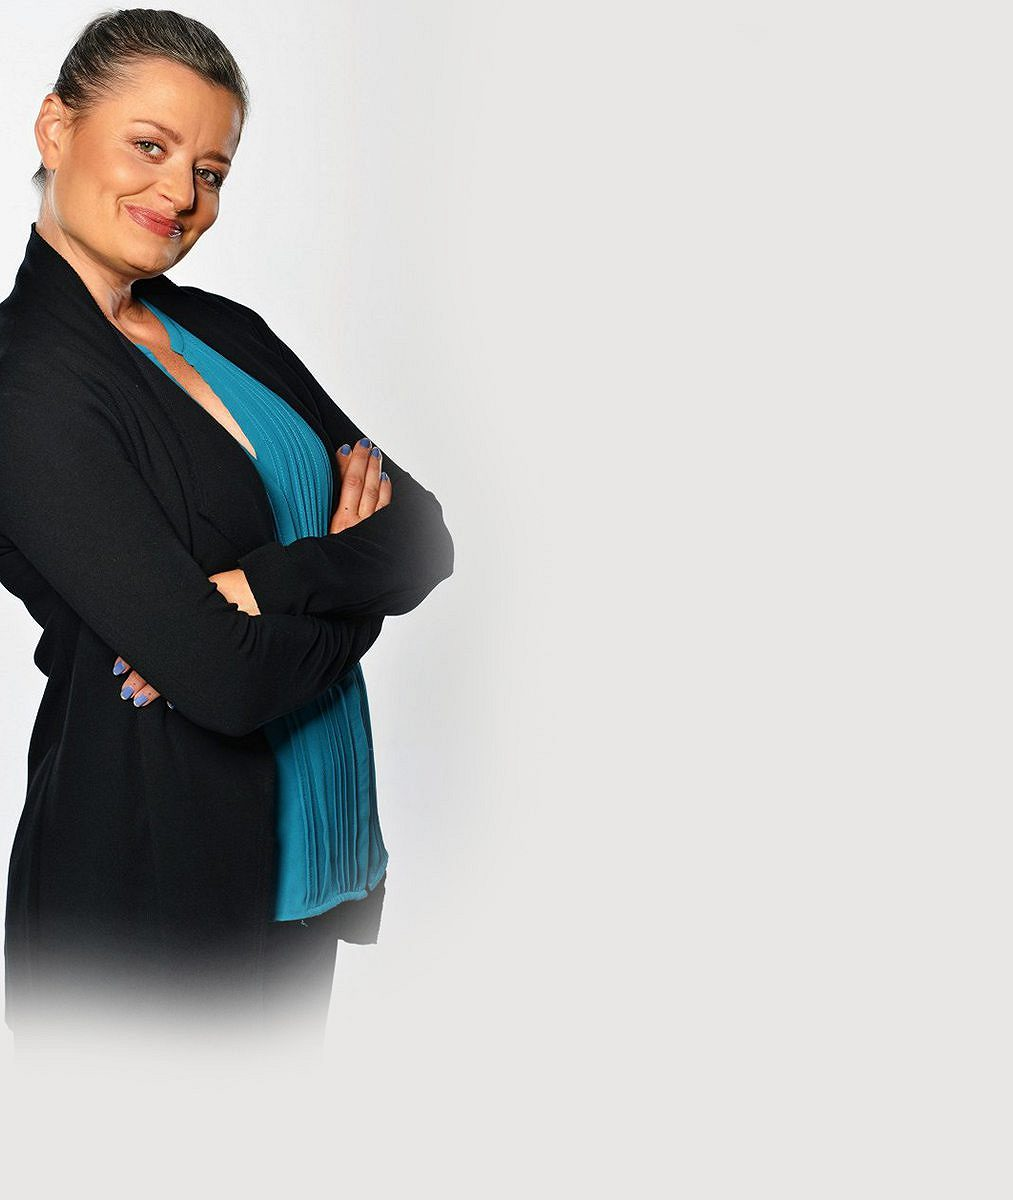 Erika Stárková alias Dáša zMostu! konečně promluví vlastním hlasem. Podívejte se na její novou seriálovou roli